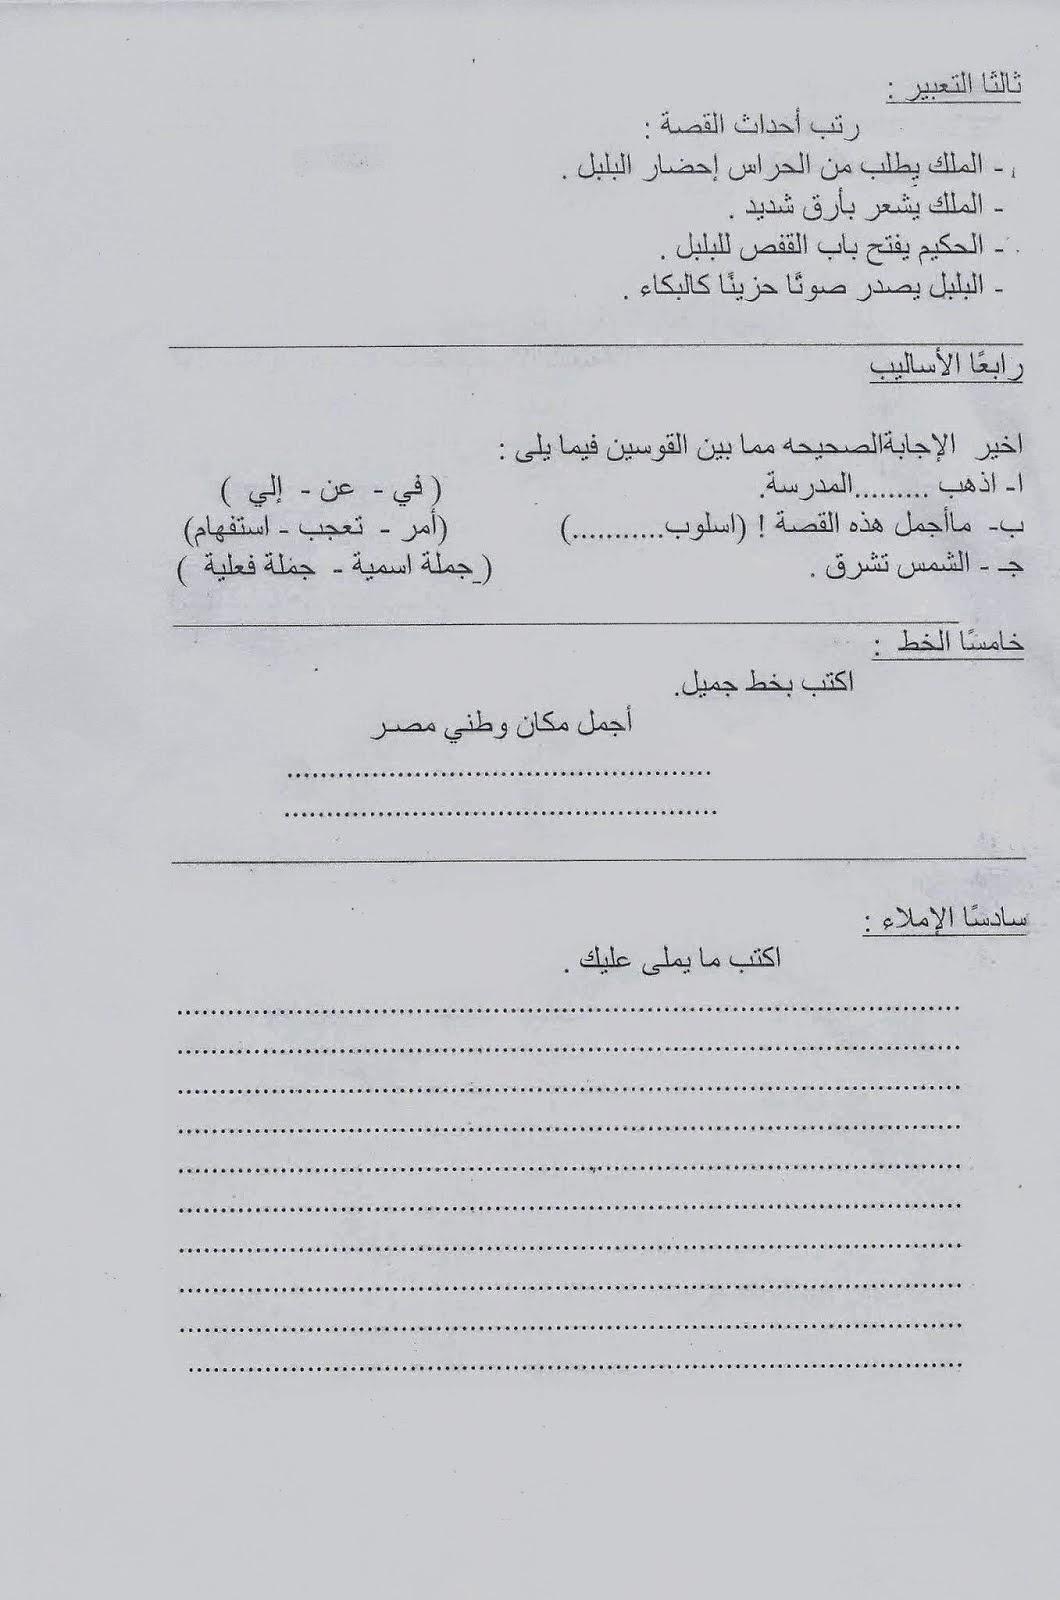 امتحانات كل مواد الصف الثالث الابتدائي الترم الأول2015 مدارس مصر حكومى و لغات scan0078.jpg